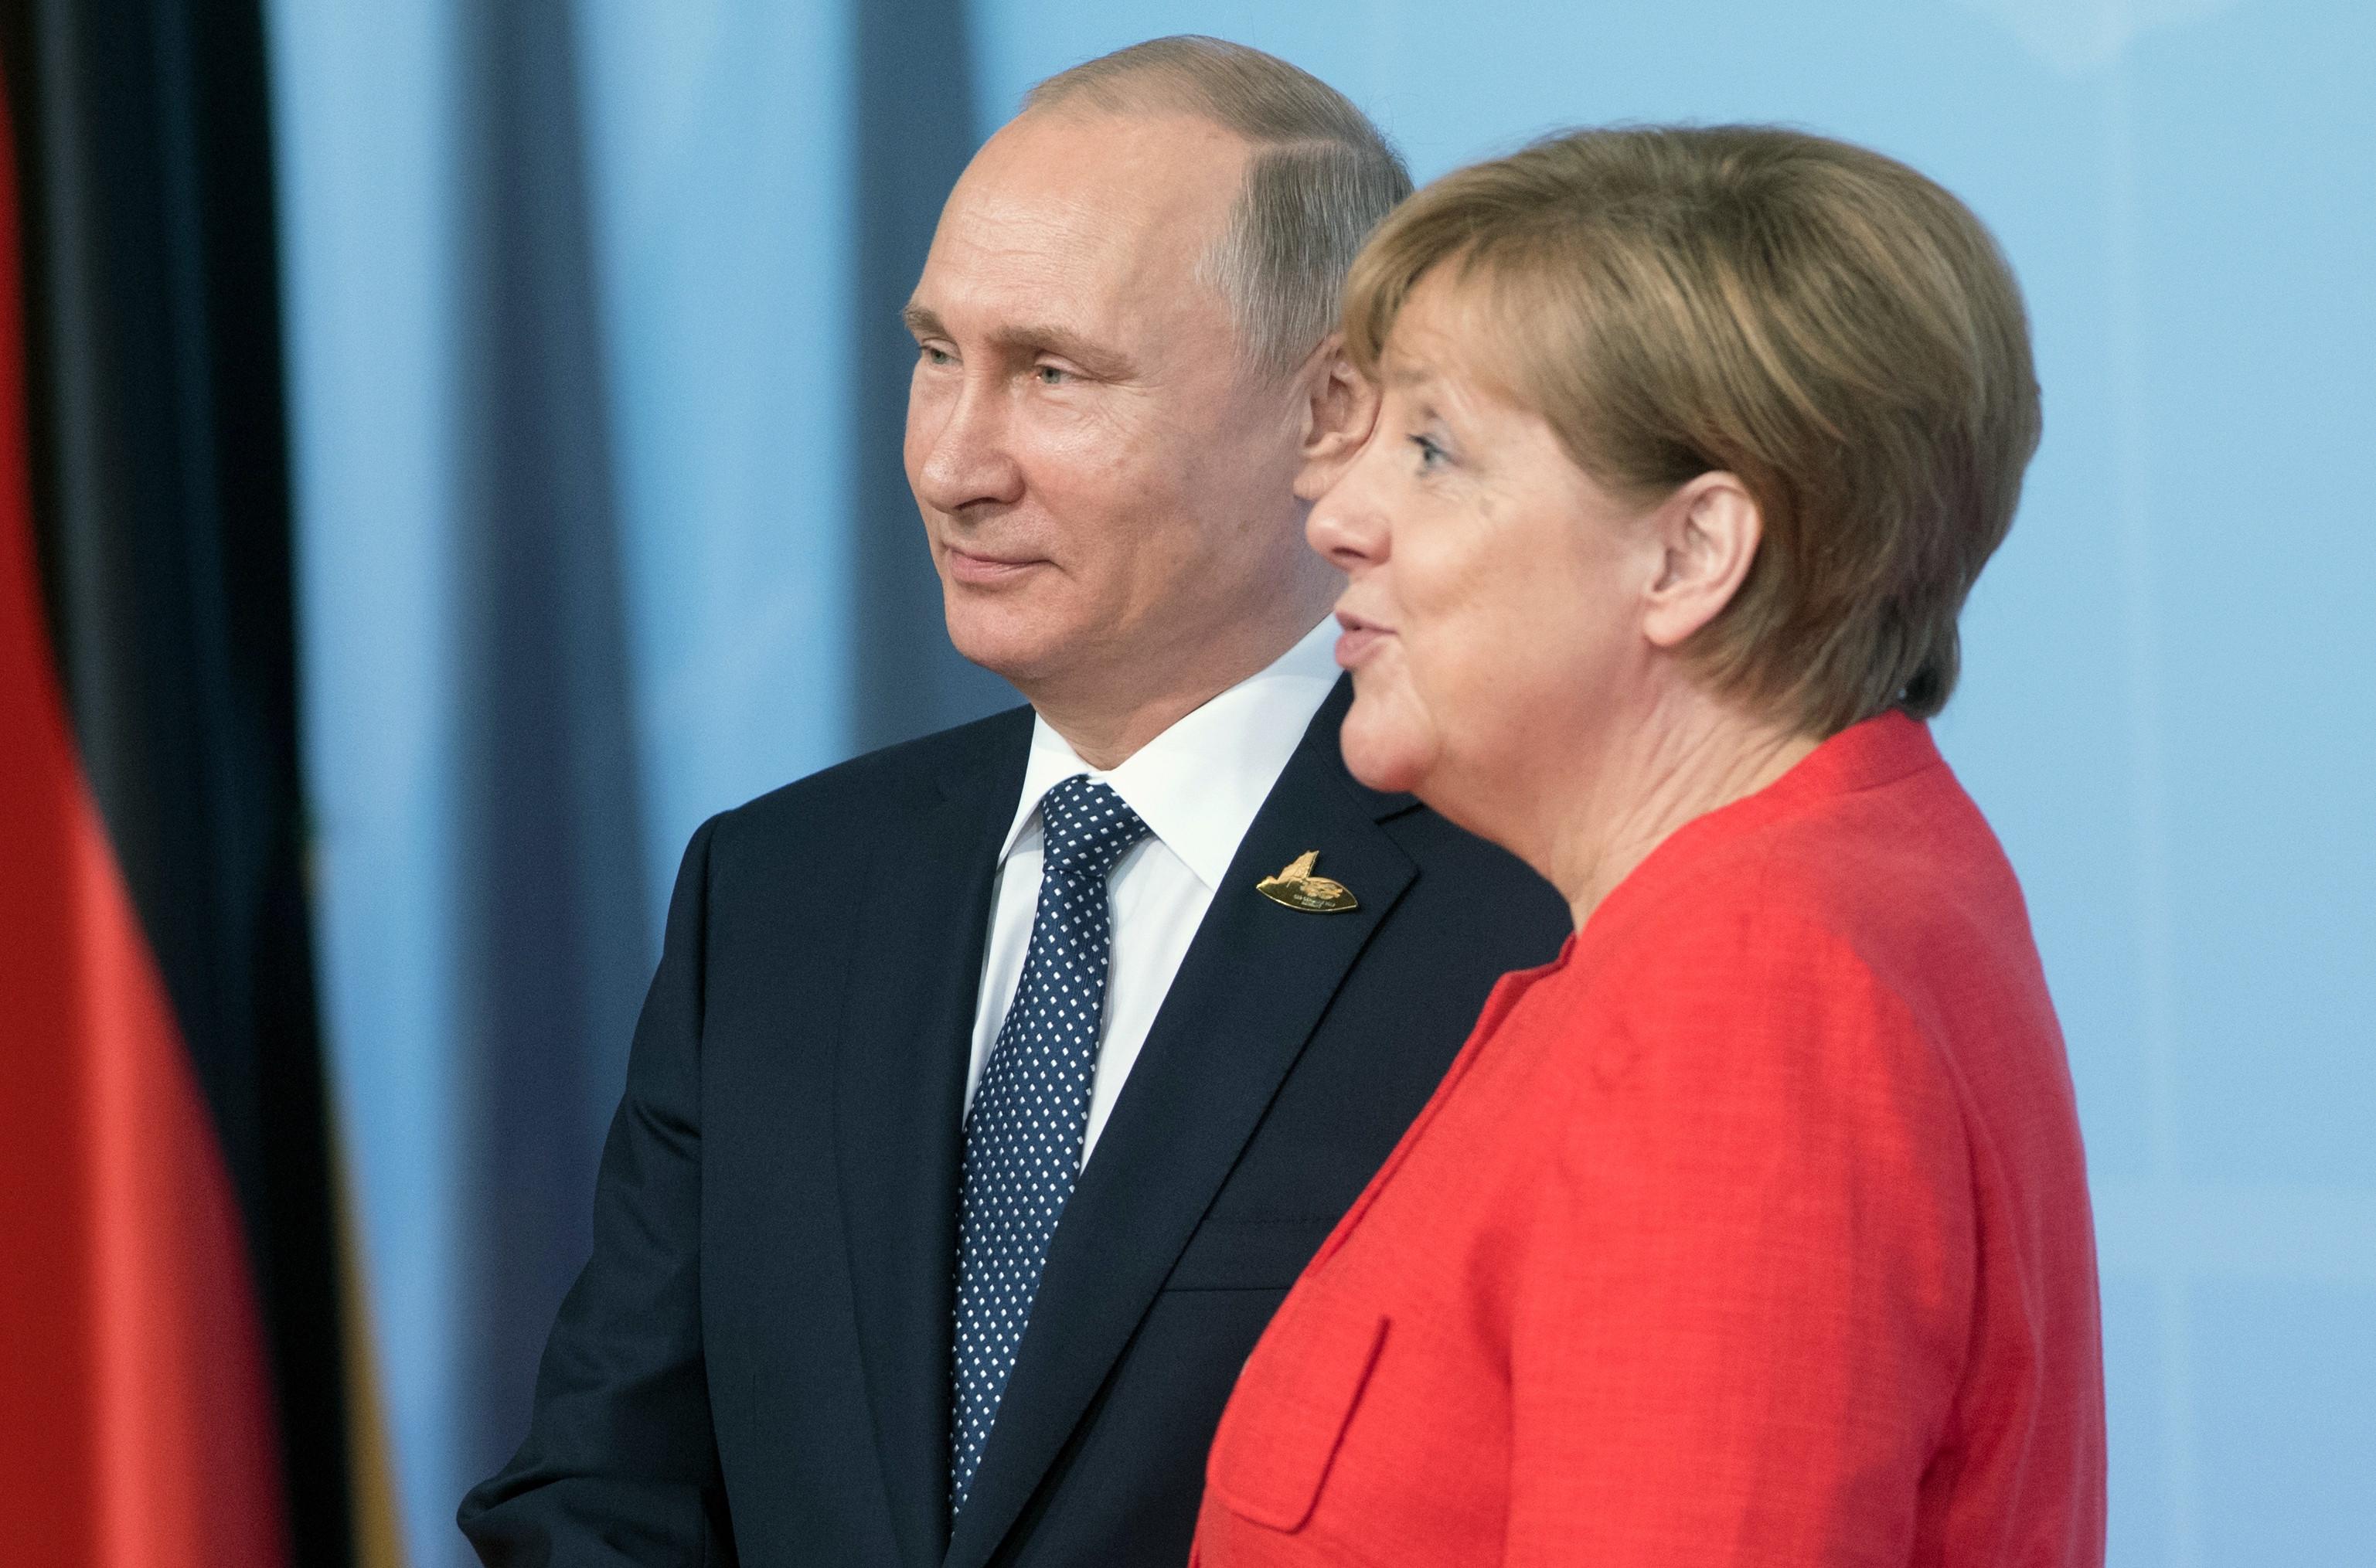 <p>Презмдент России Владимир Путин (слева) и канцлер ФРГ Ангела Меркель. Фото: &copy; РИА Новости</p>